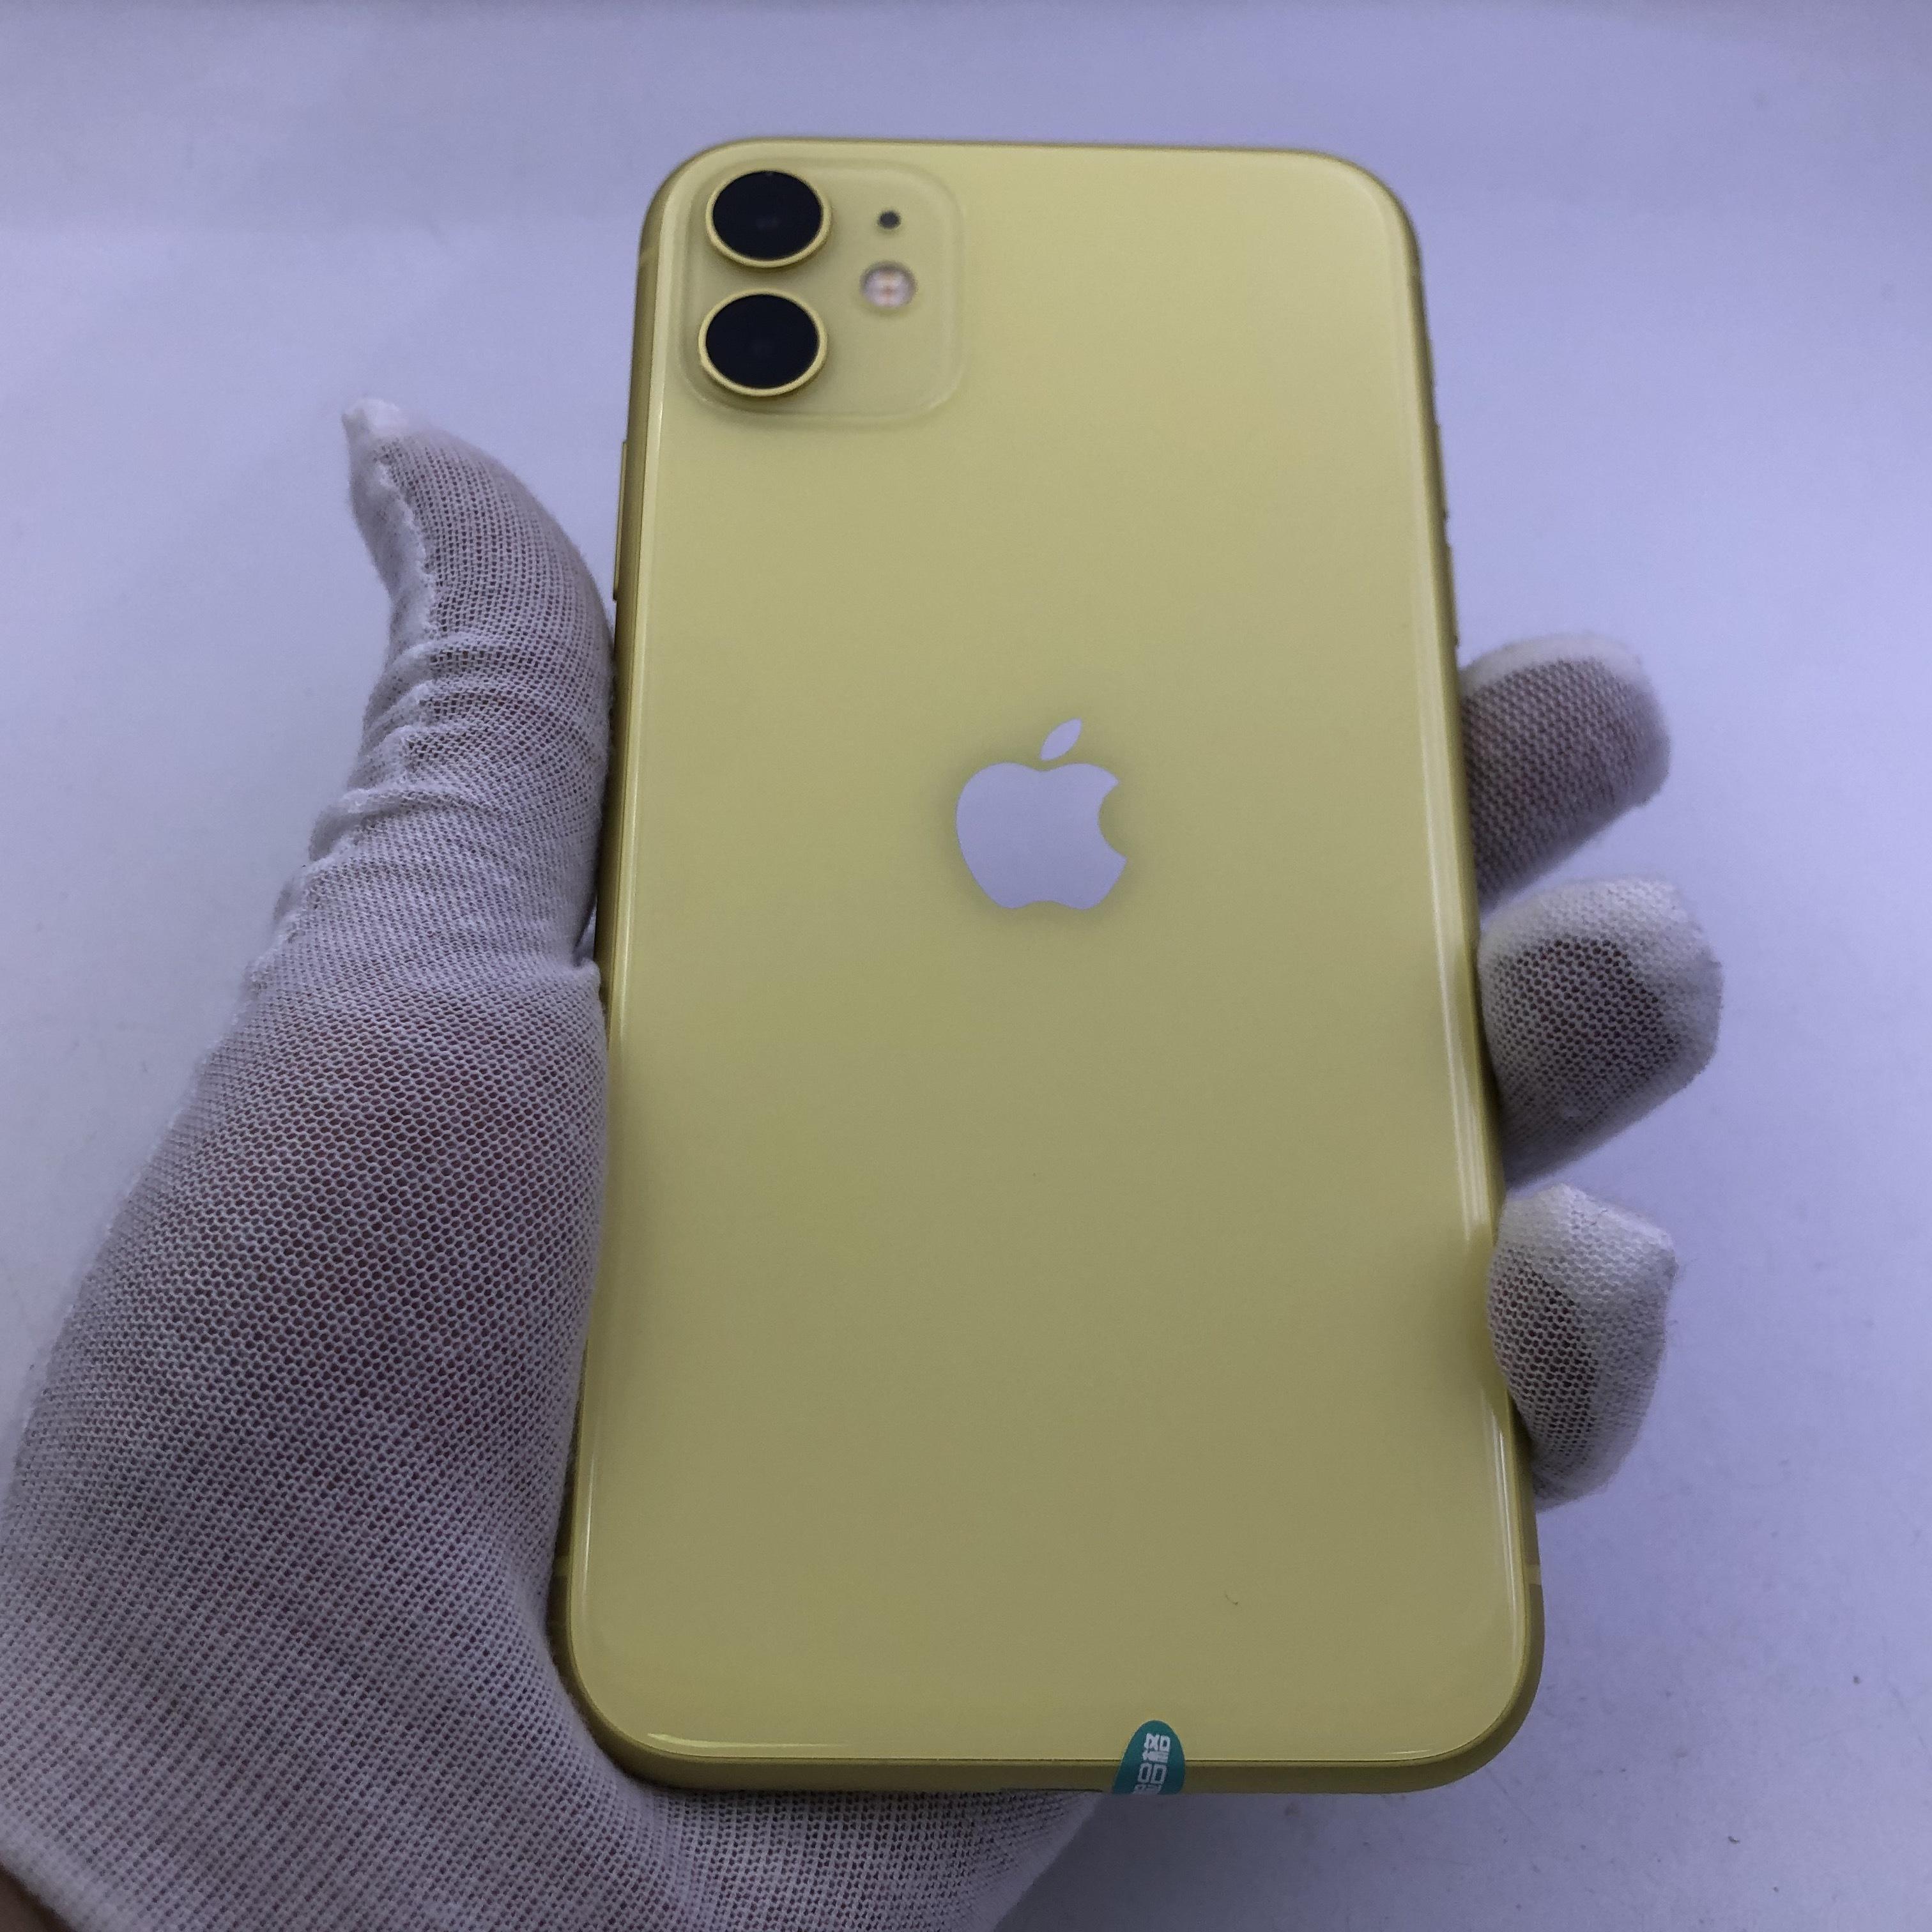 苹果【iPhone 11】4G全网通 黄色 256G 国行 95新